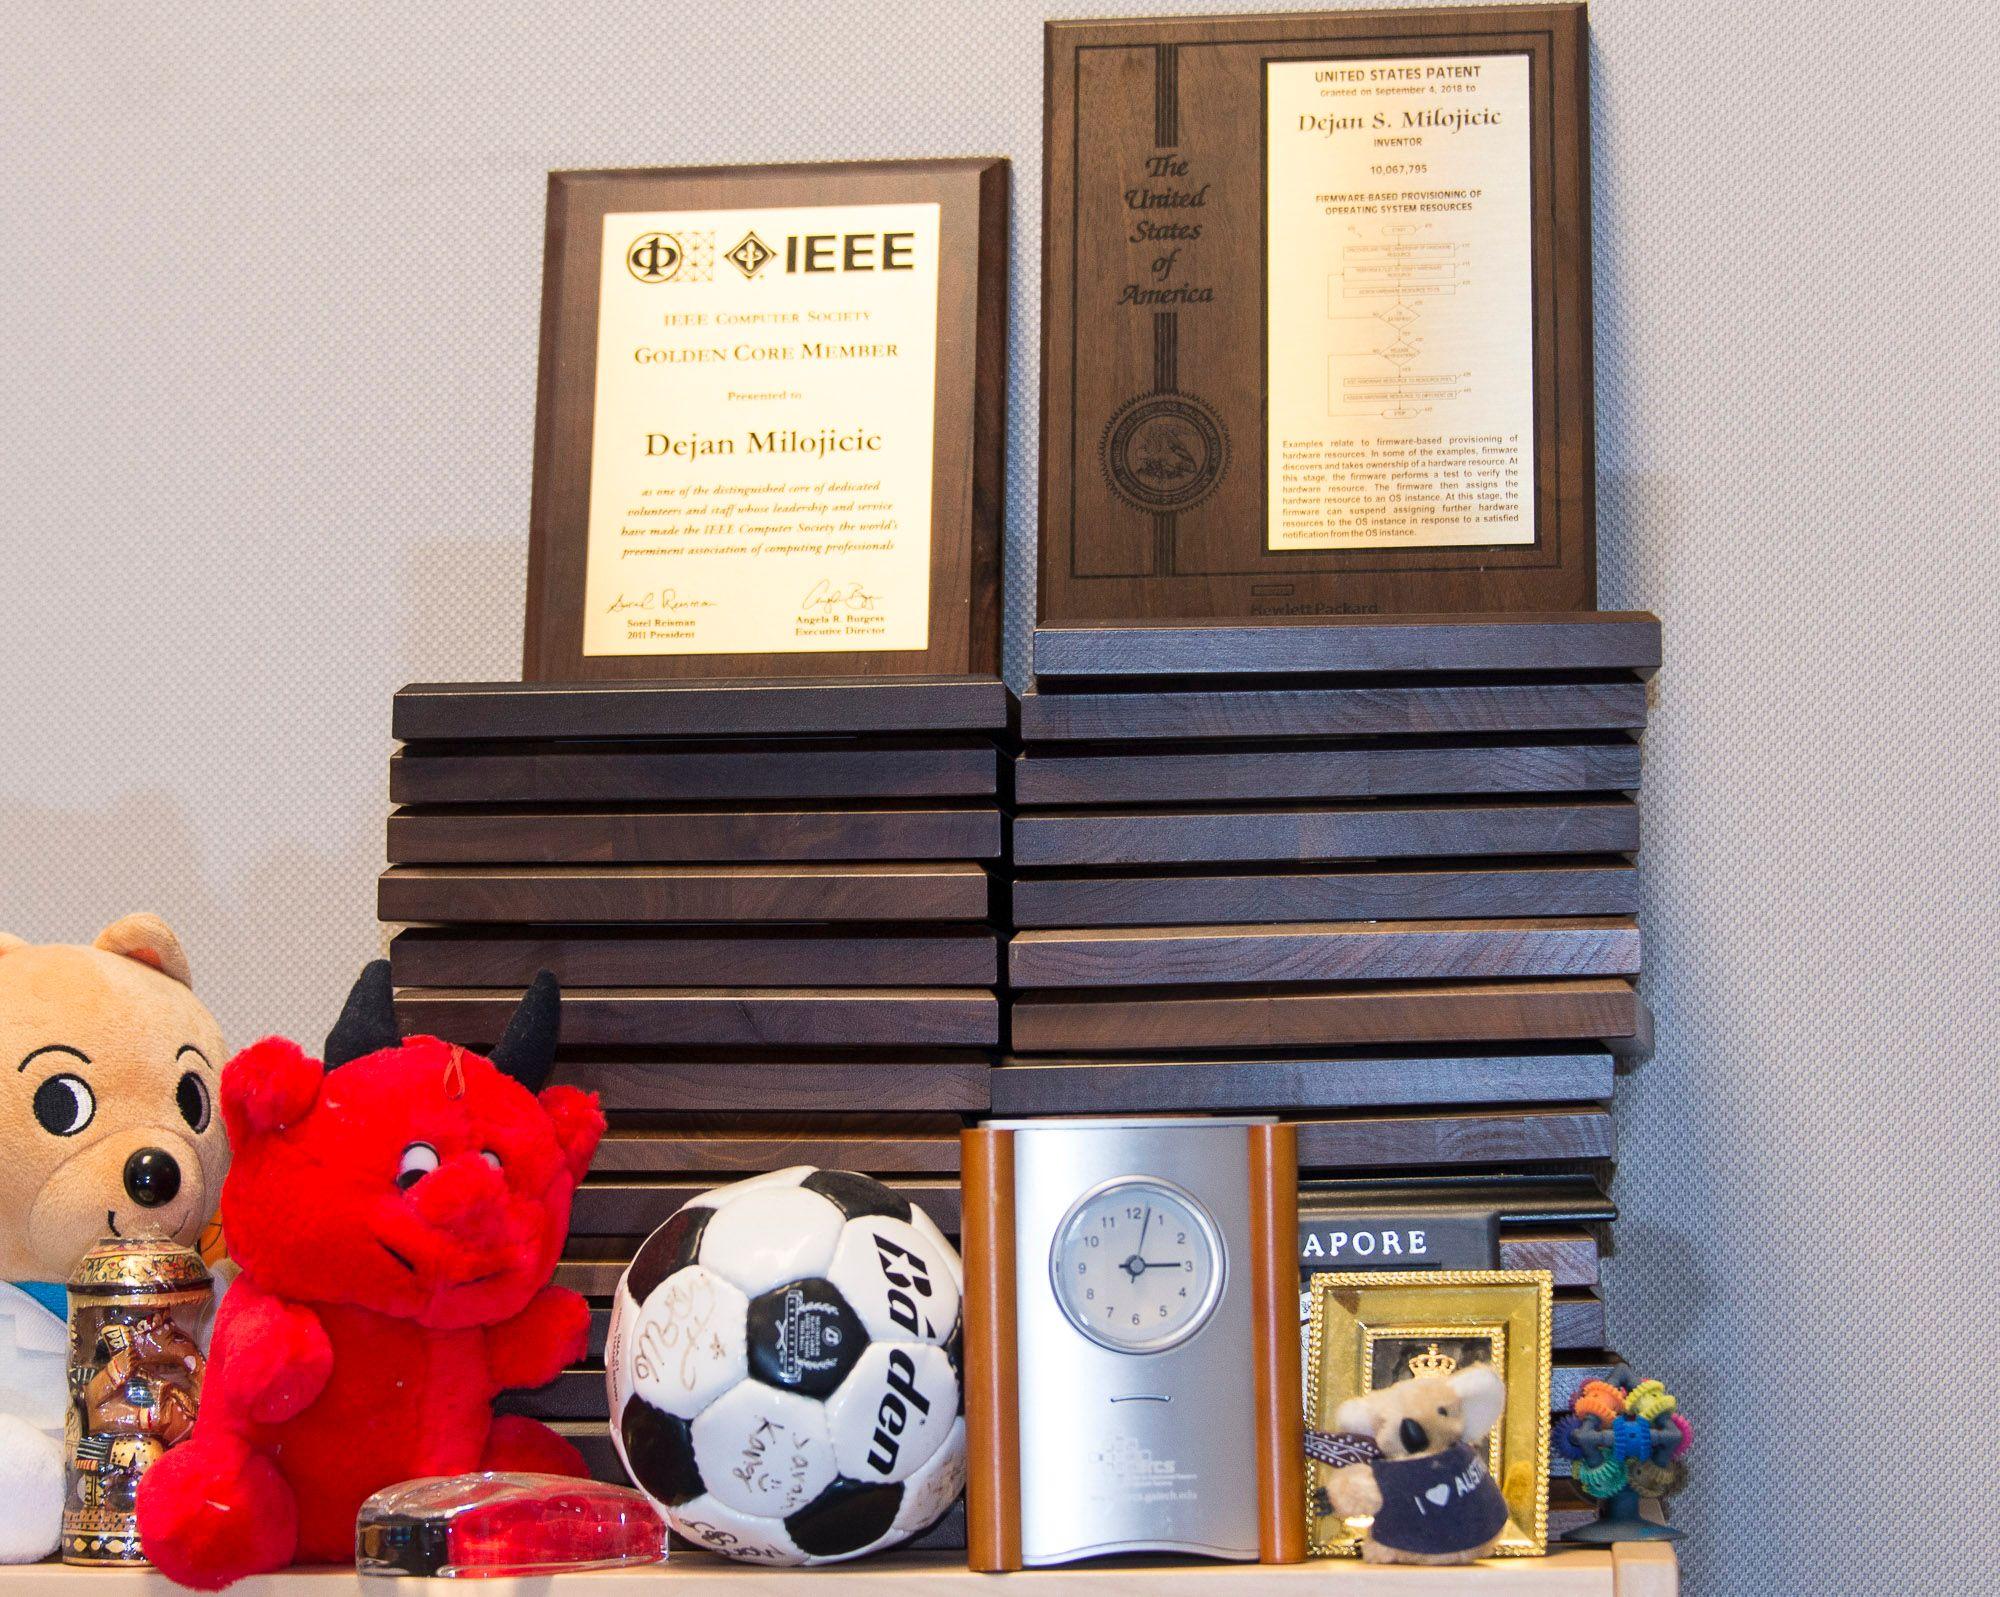 Dejan Milojicic's patents prefer the football